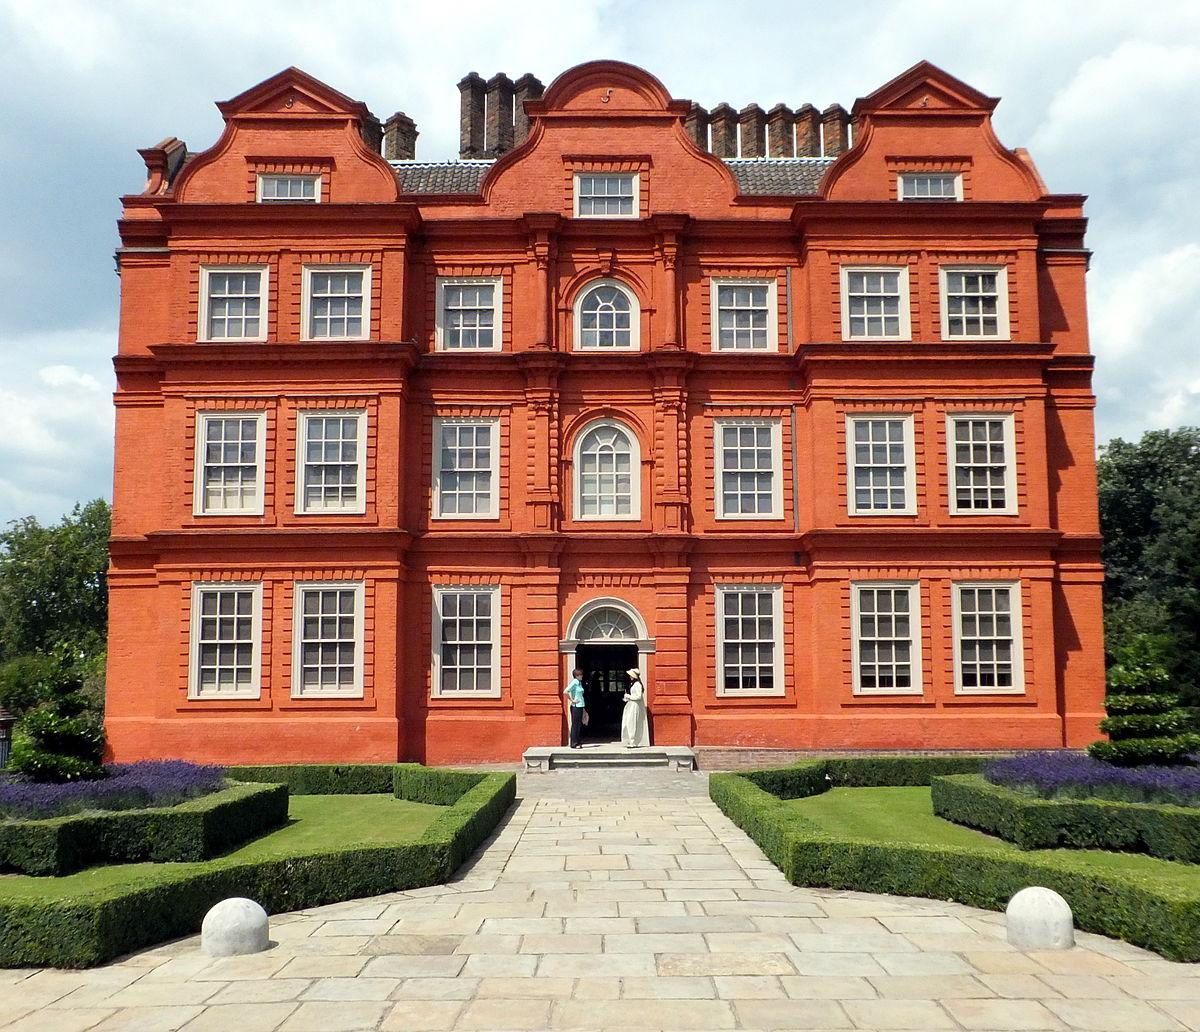 Kew Palace – Wikipedia